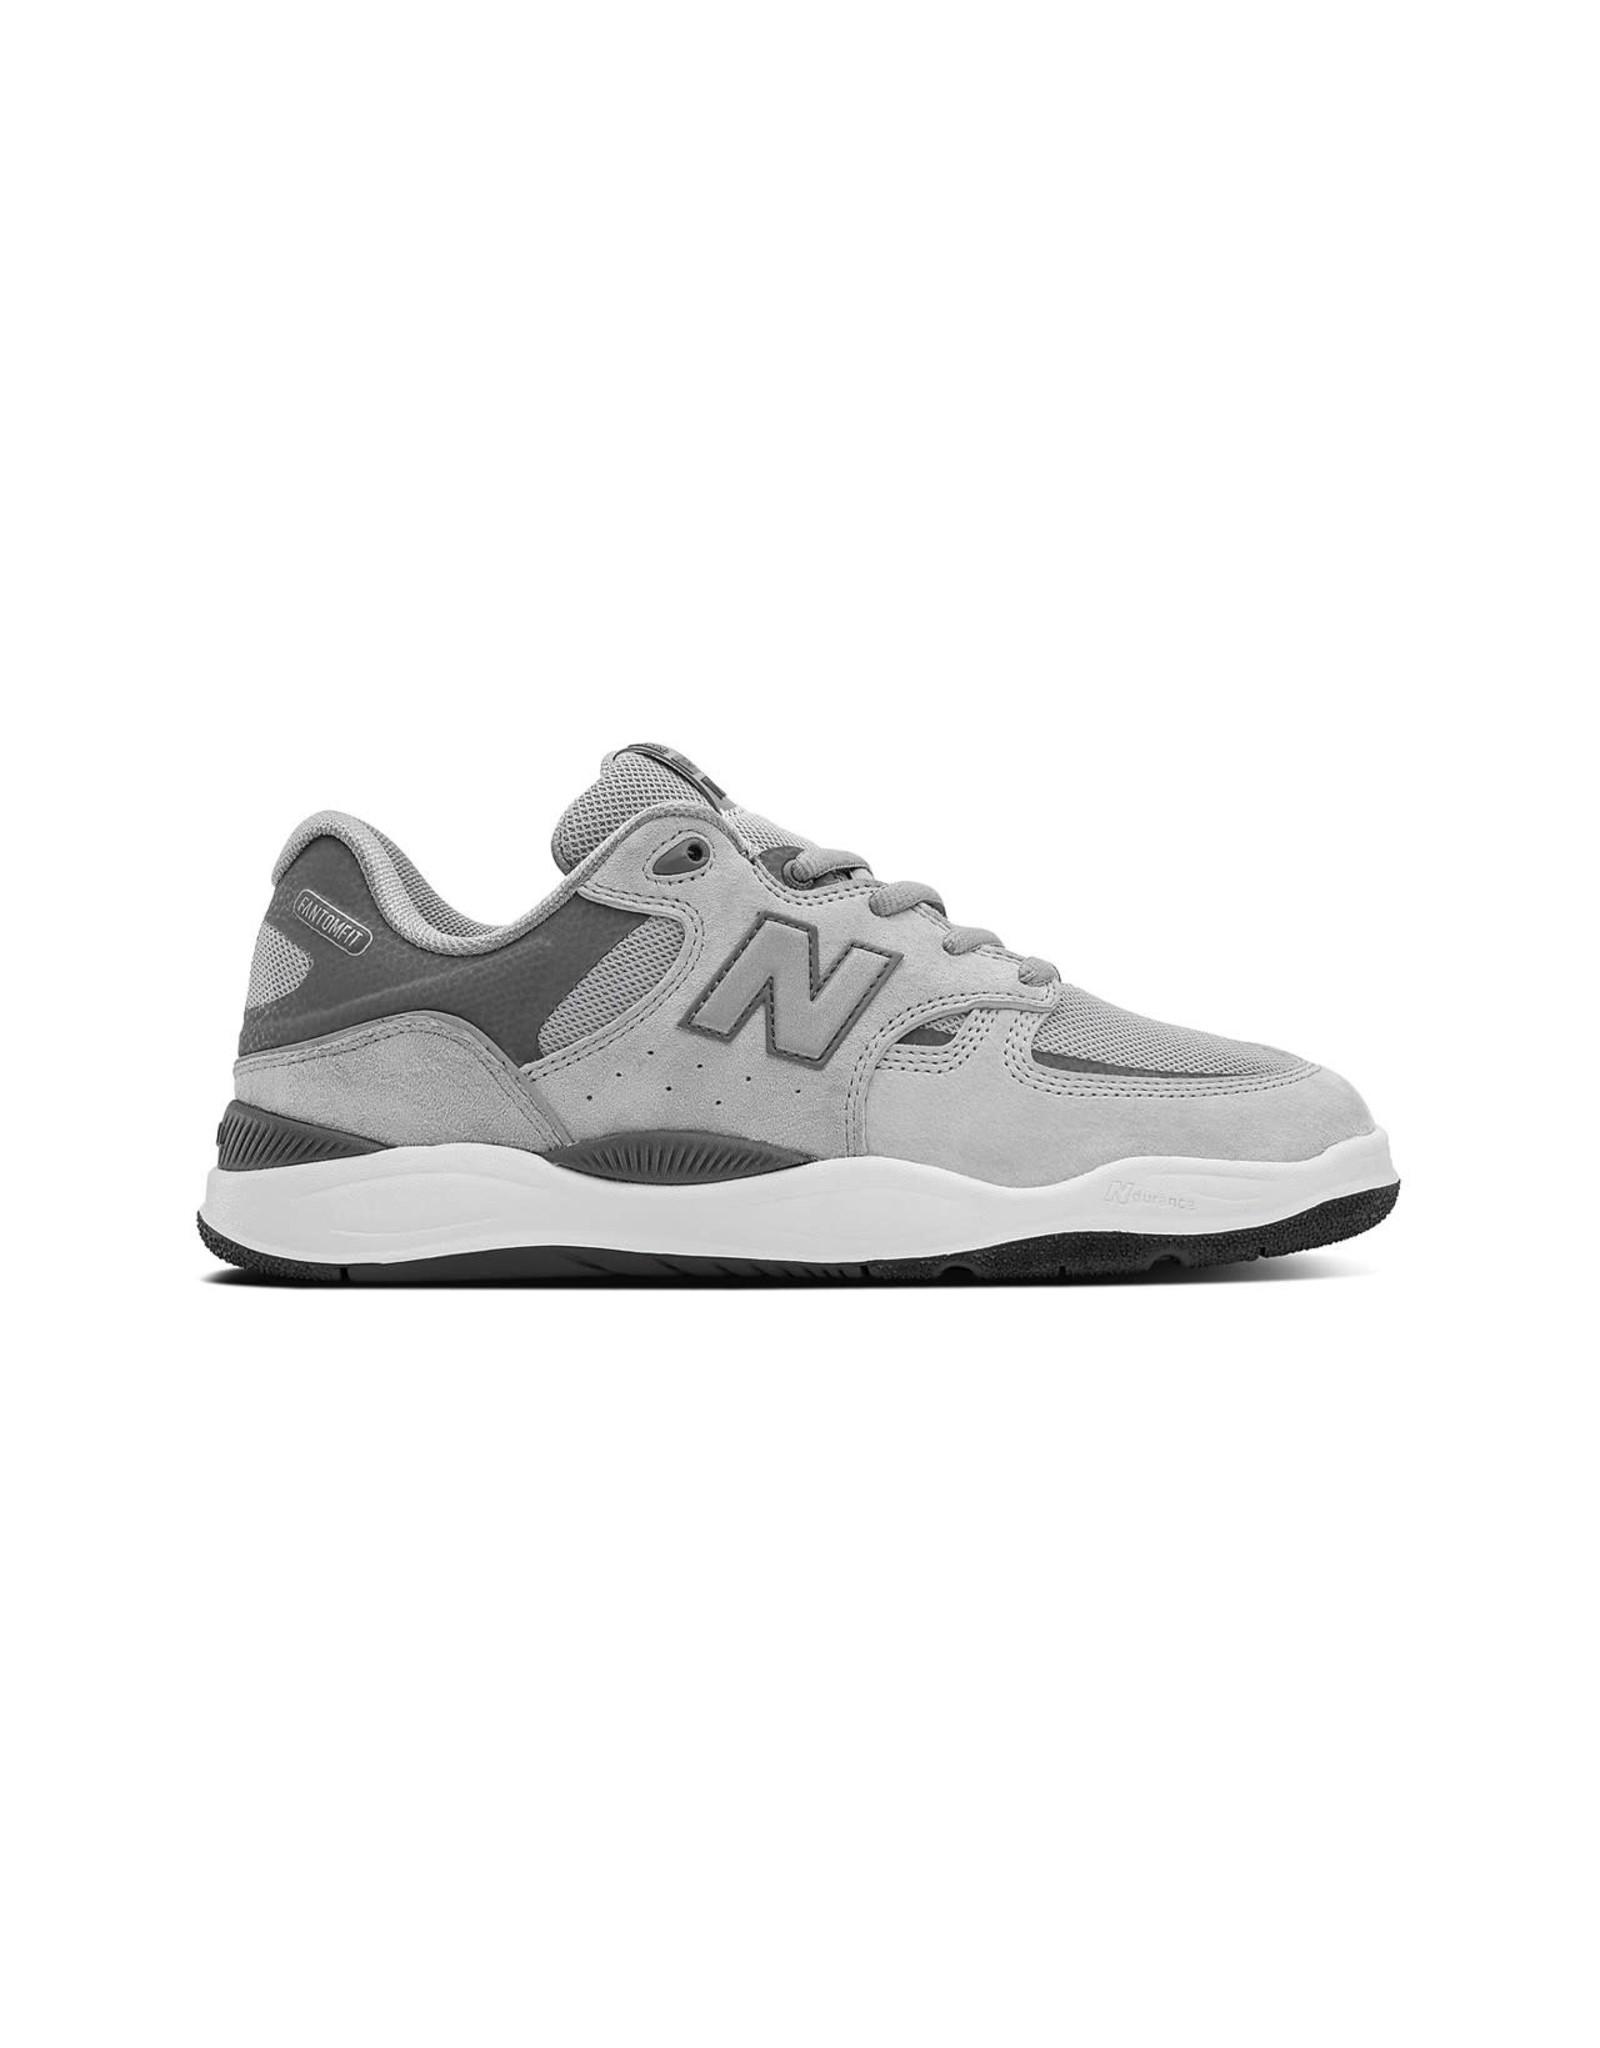 New Balance 1010 Tiago - Grey